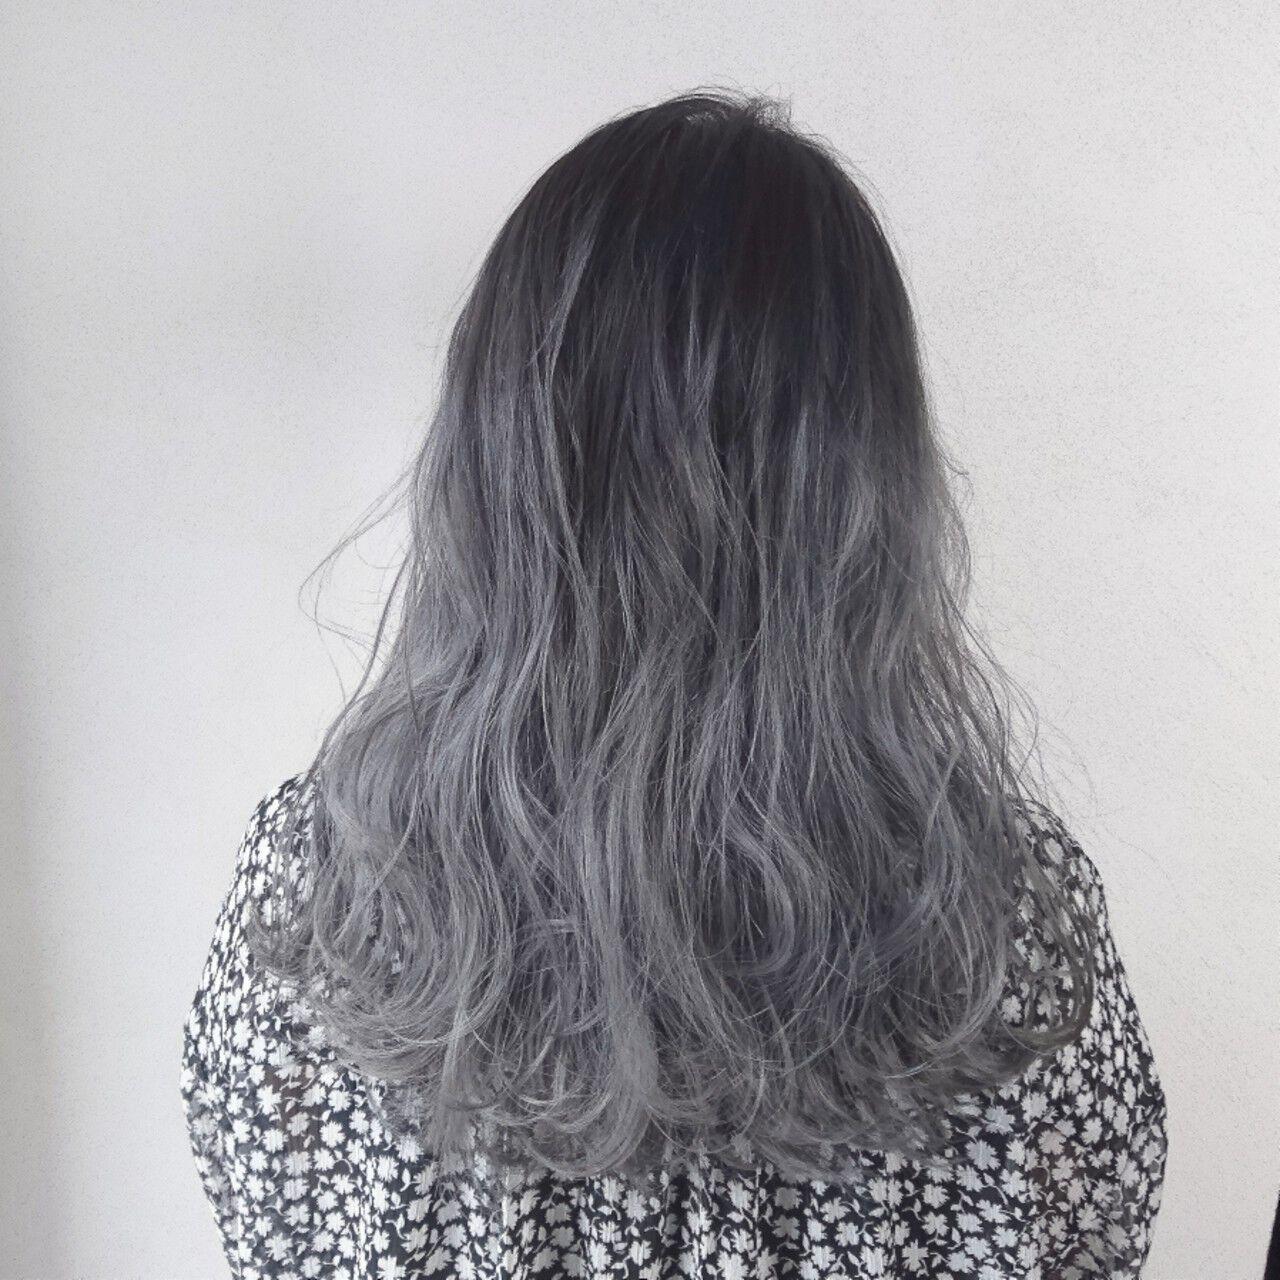 グレージュ ロング 外国人風 アッシュヘアスタイルや髪型の写真・画像